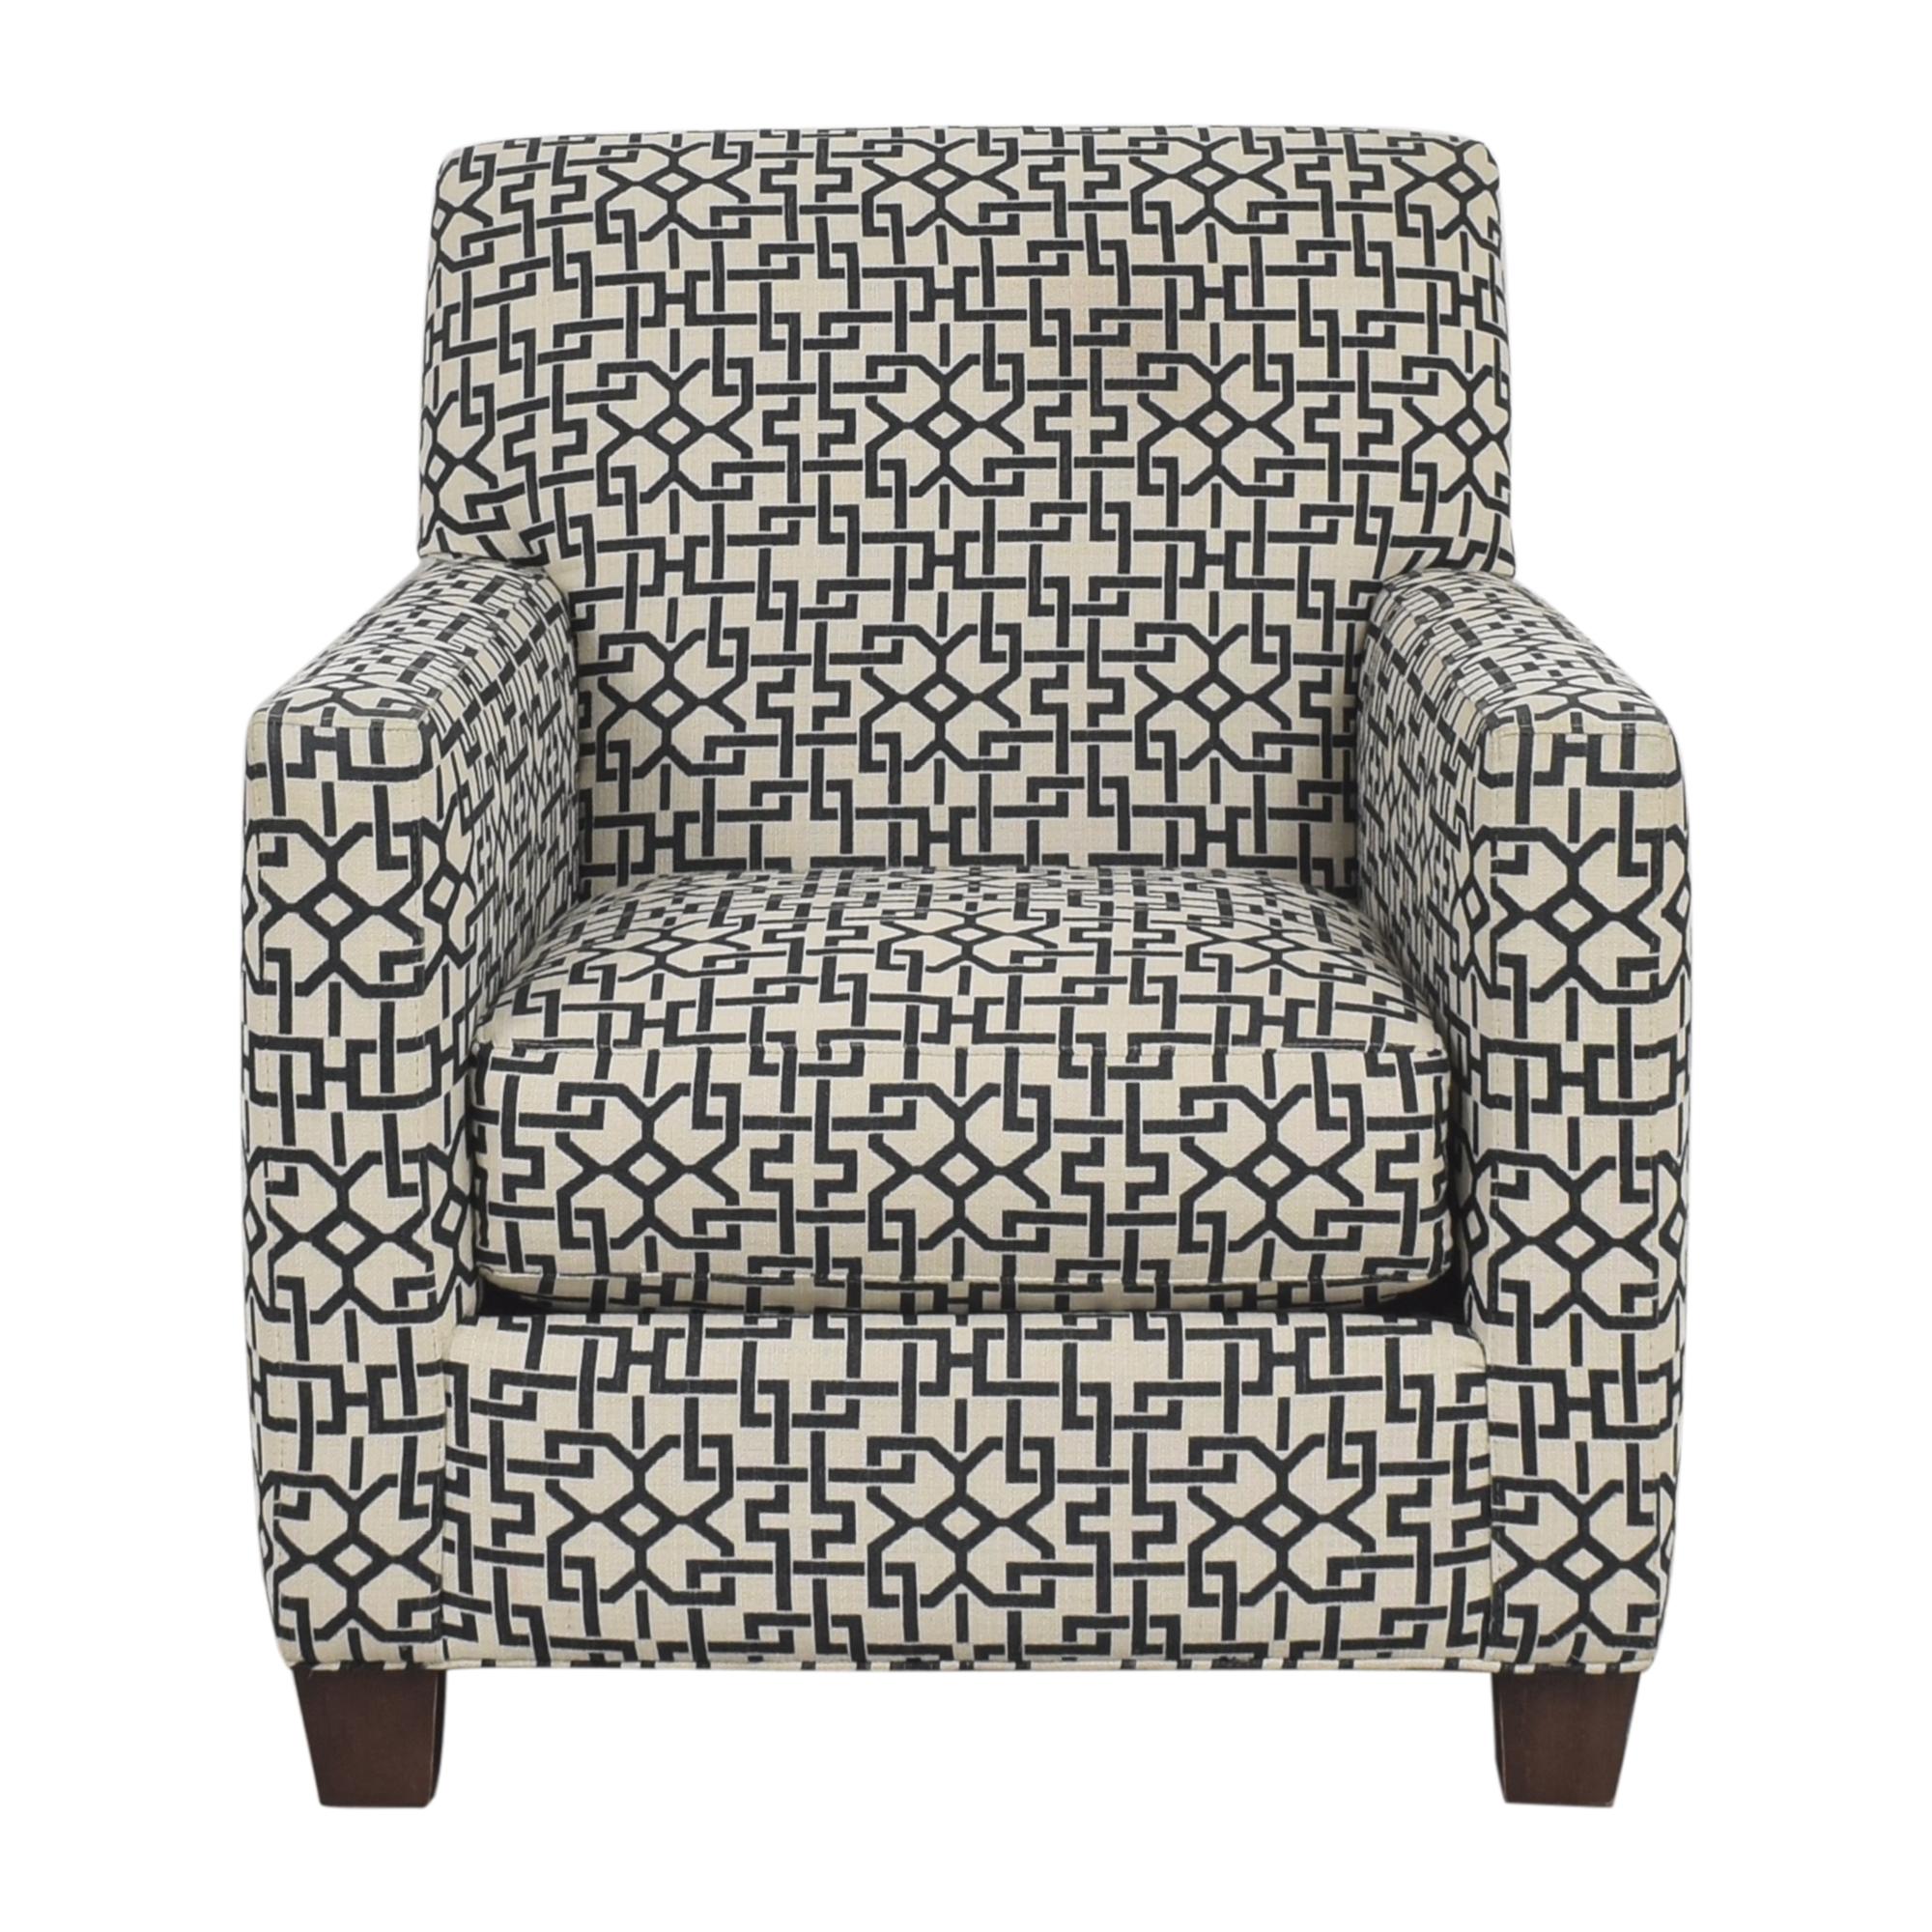 Crate & Barrel Geometric Club Chair Crate & Barrel